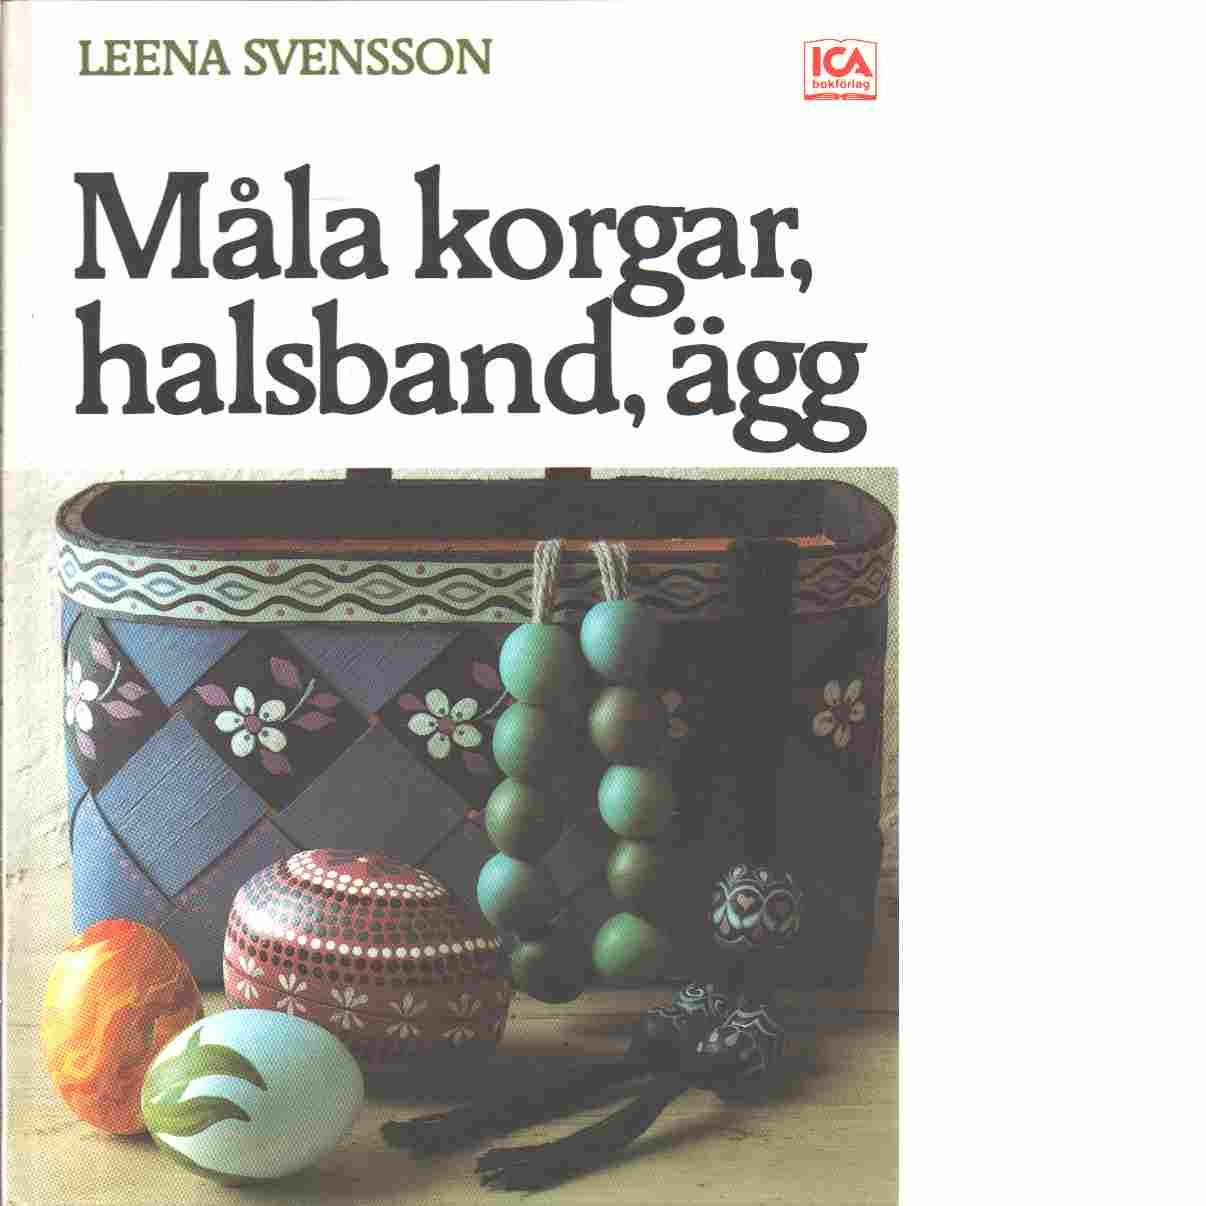 Måla korgar, ägg och halsband - Svensson, Leena